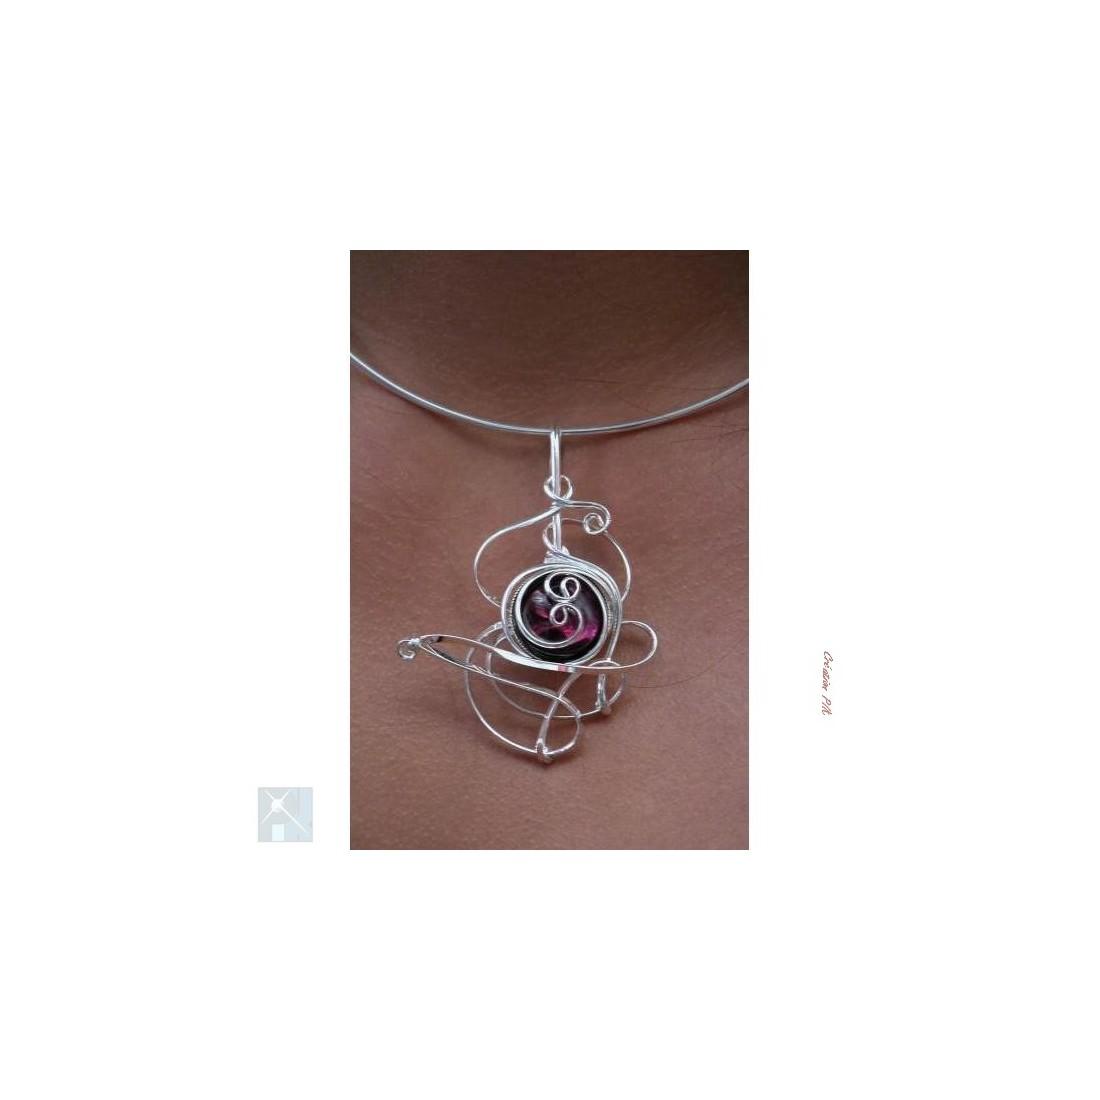 Collier violet améthyste, bijou fantaisie made in France